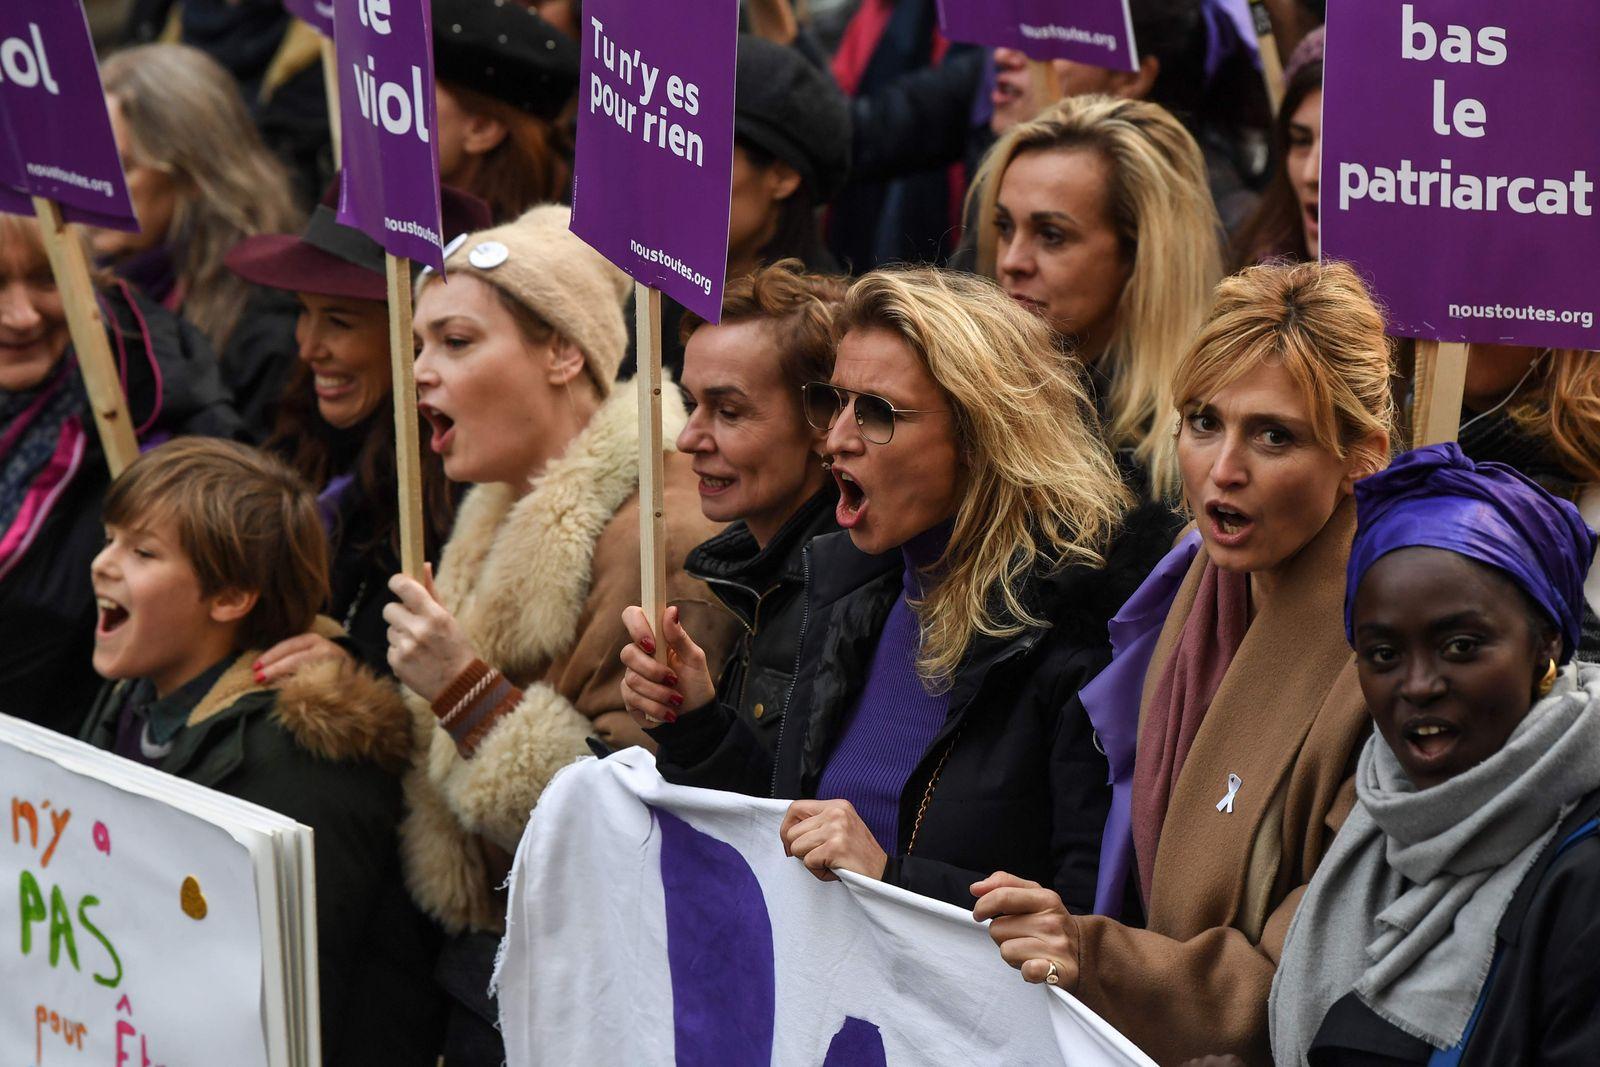 FRANCE-PROTEST-WOMEN-VIOLENCE